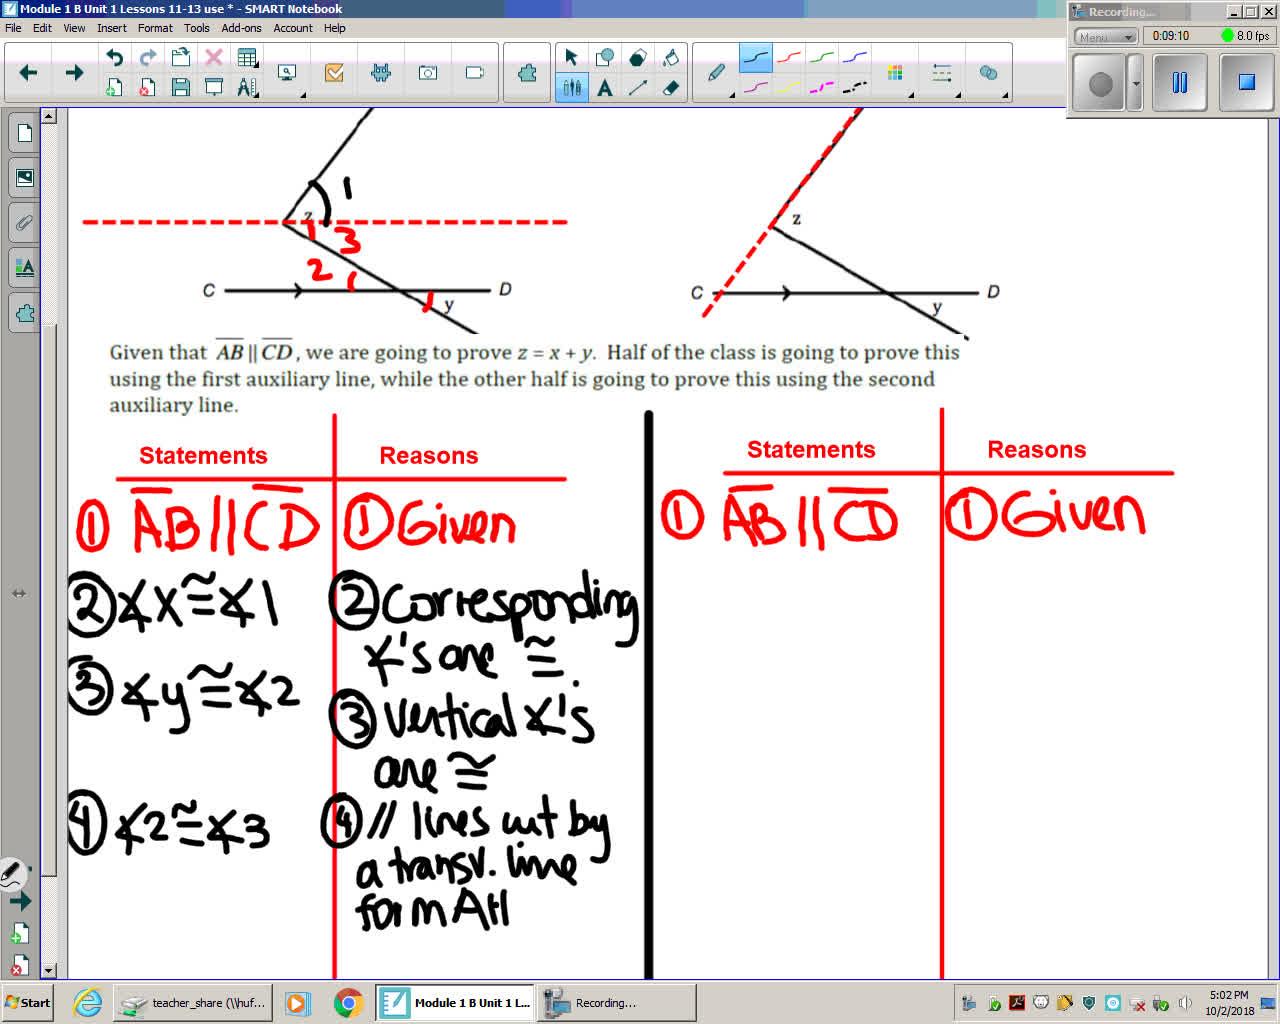 Mod 1B Lesson 12